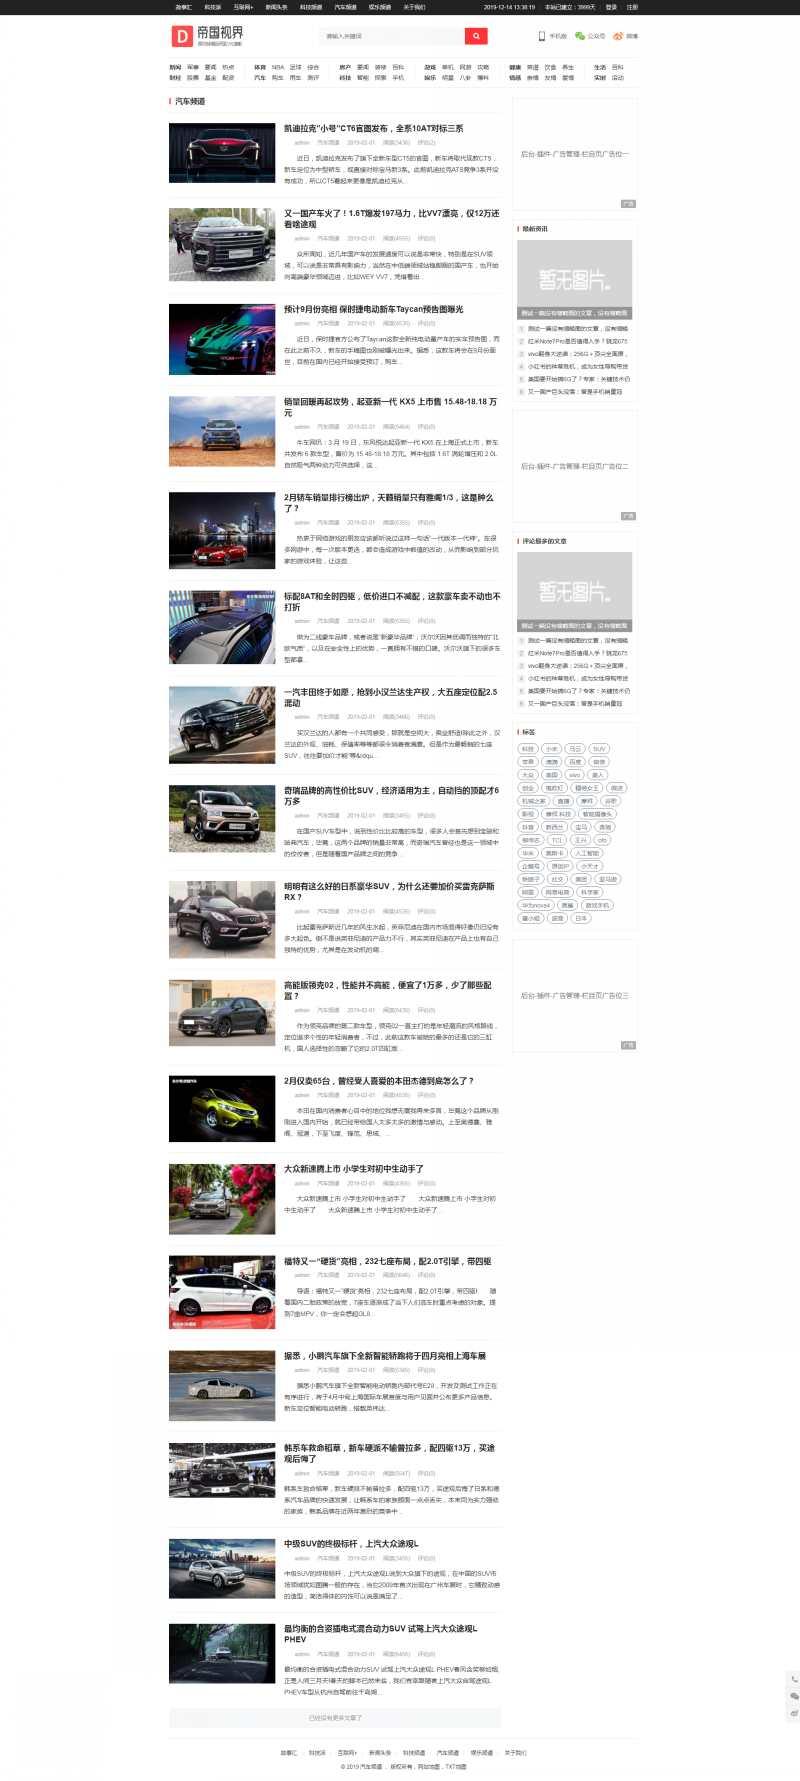 网站栏目.jpg [DG-046]帝国cms大气红色自适应新闻资讯模板自适应手机 新闻资讯 第2张